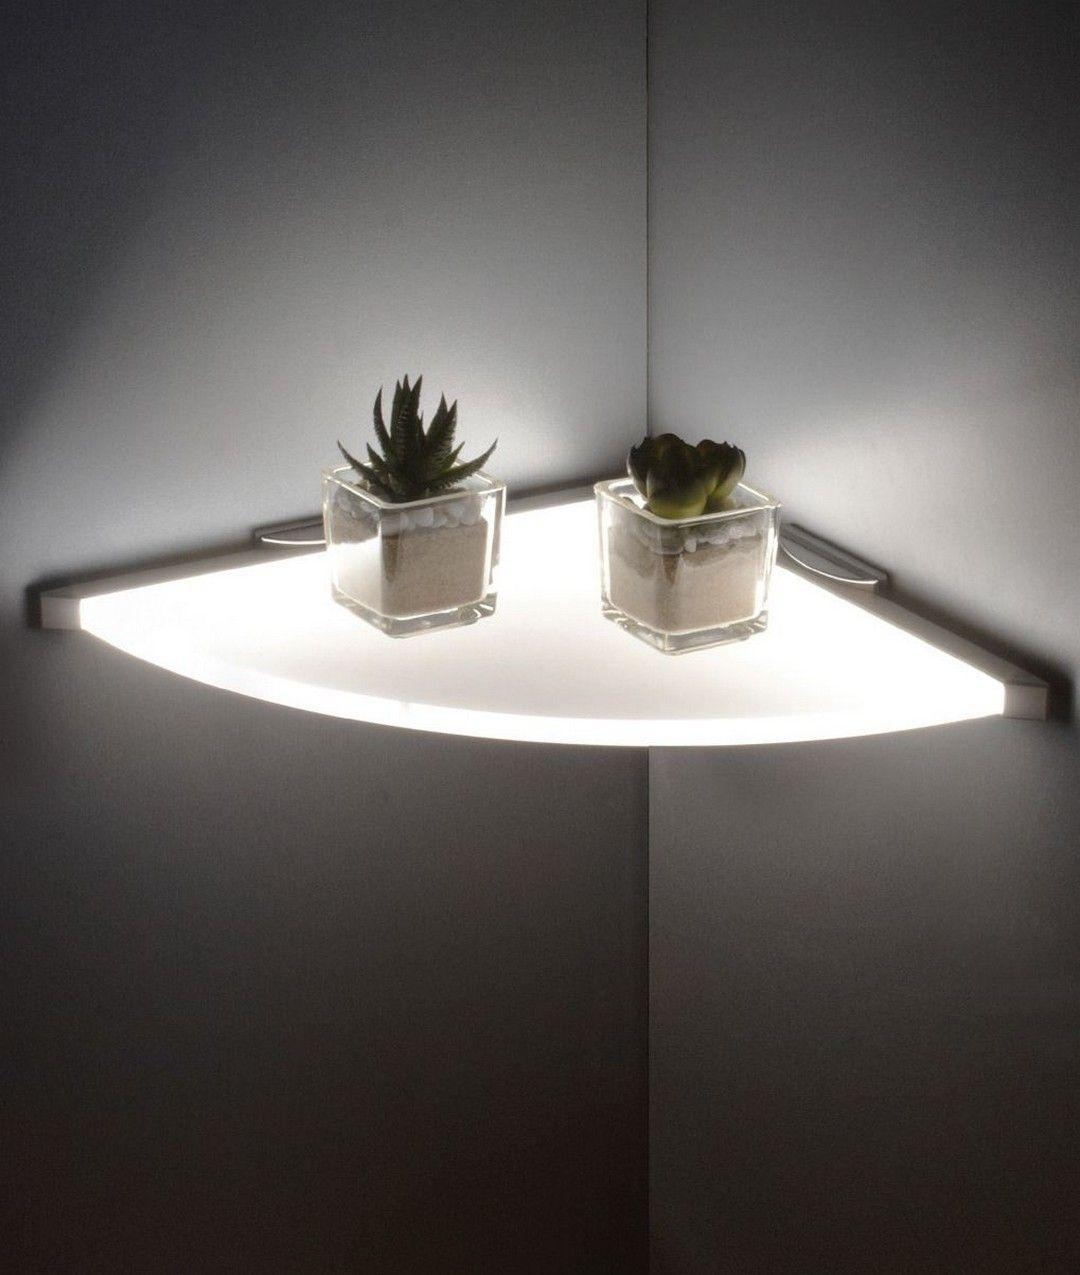 Fastastic Corner Lighting Ideas in 2020 Glass shelves